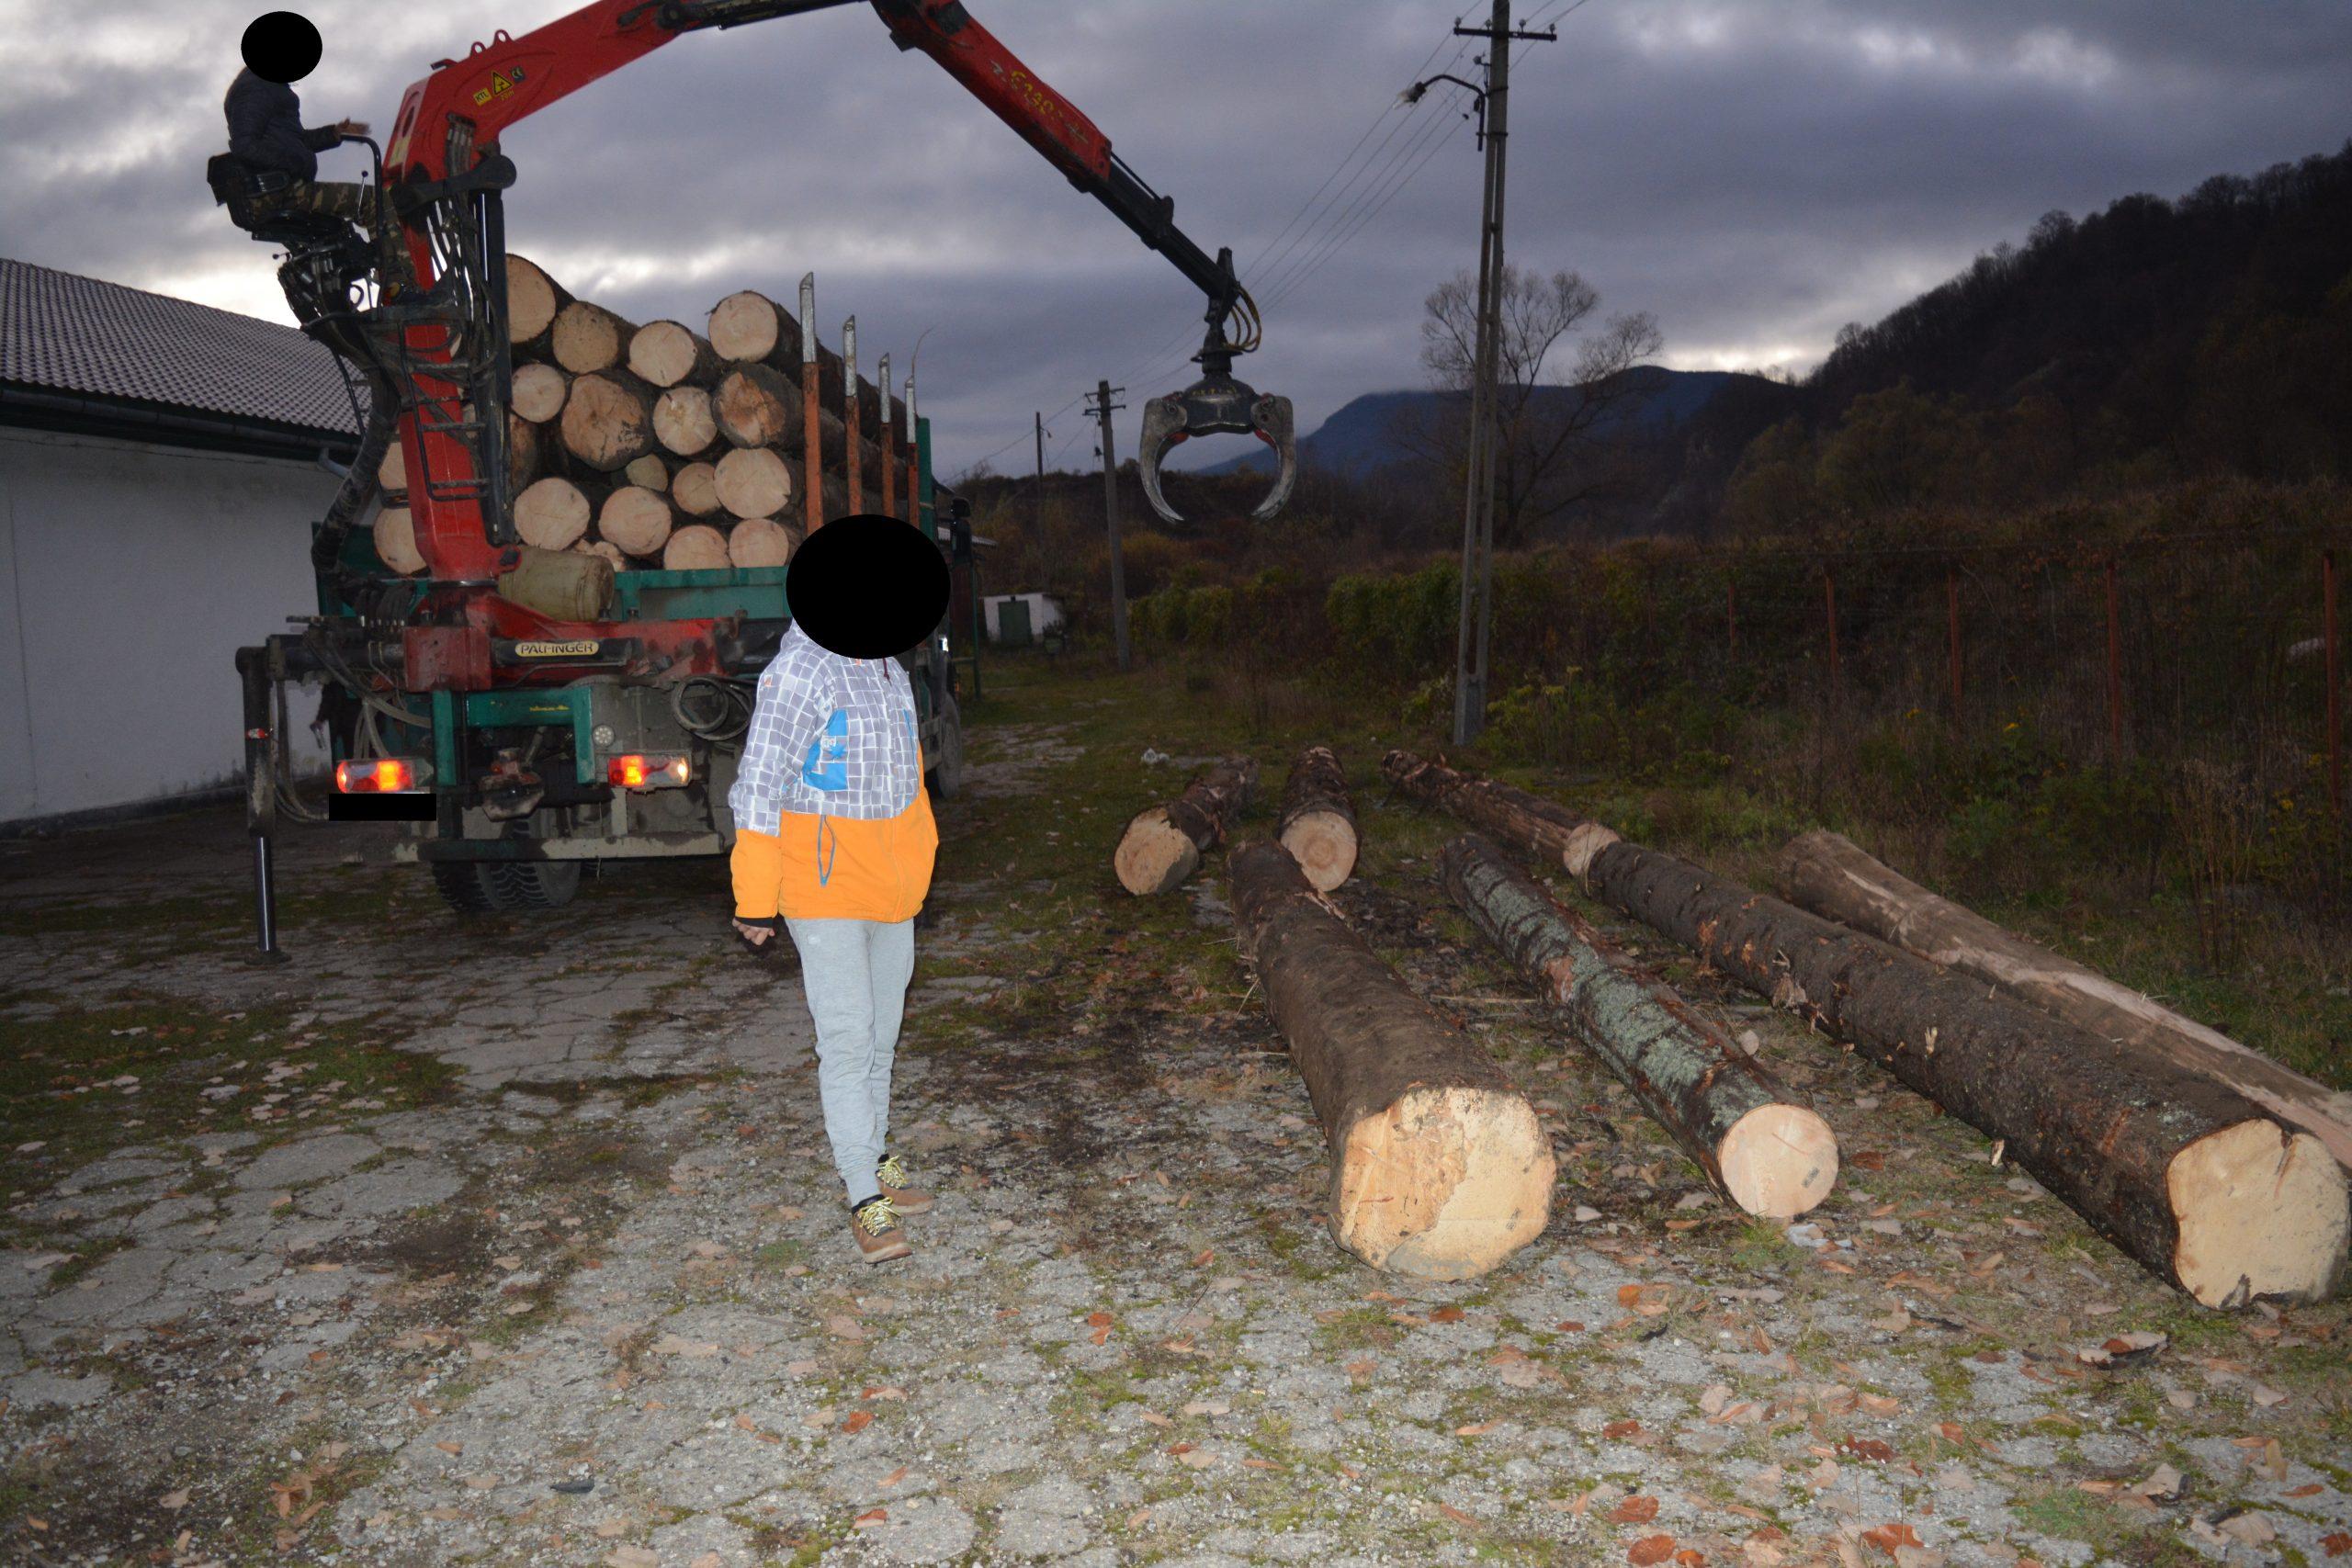 Jandarmii au amendat un transportator de lemne cu 3.000 de lei. Bărbatul avea mai multă marfă față de ce era scris în acte